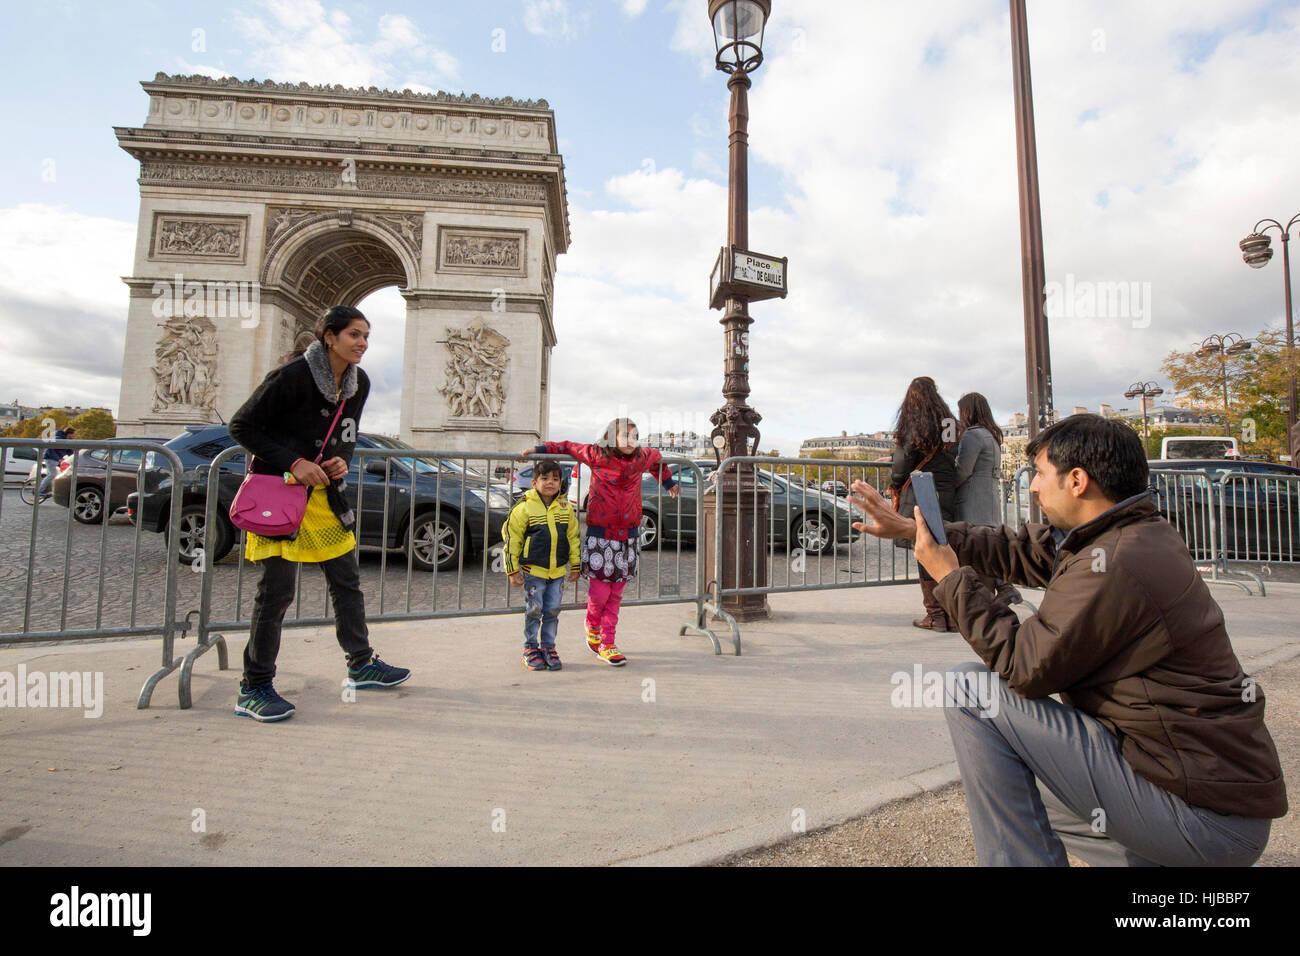 Indian tourists visiting Paris, Arc de Triomphe, France - Stock Image